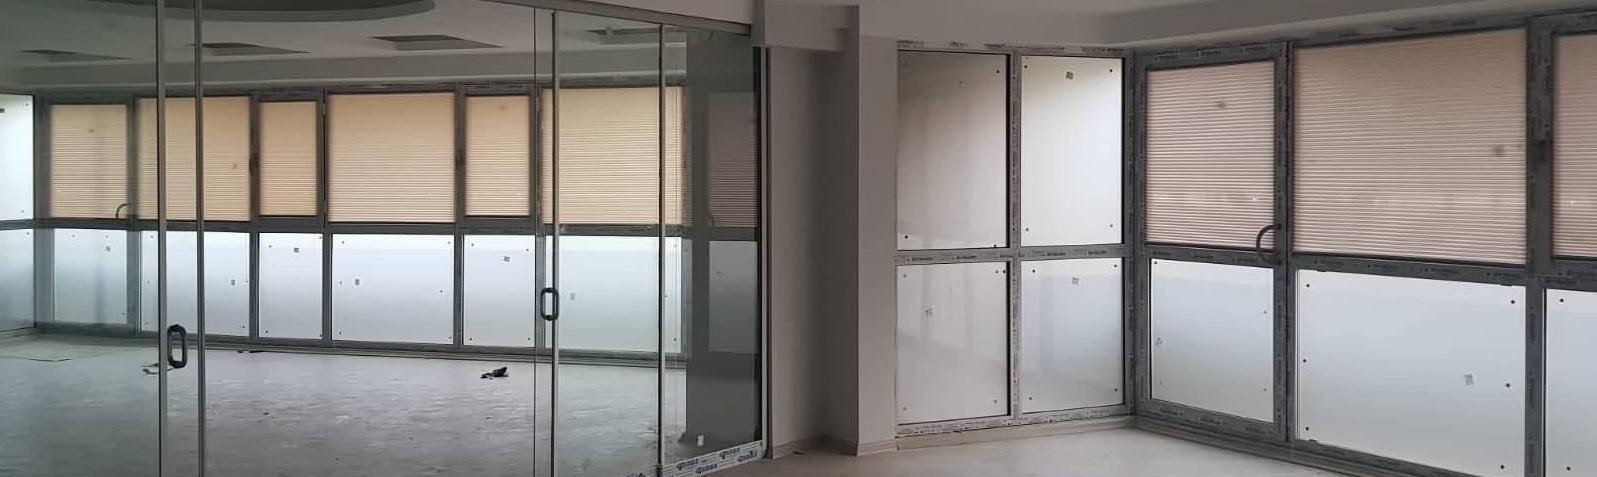 İzmir camlama ofis bölme